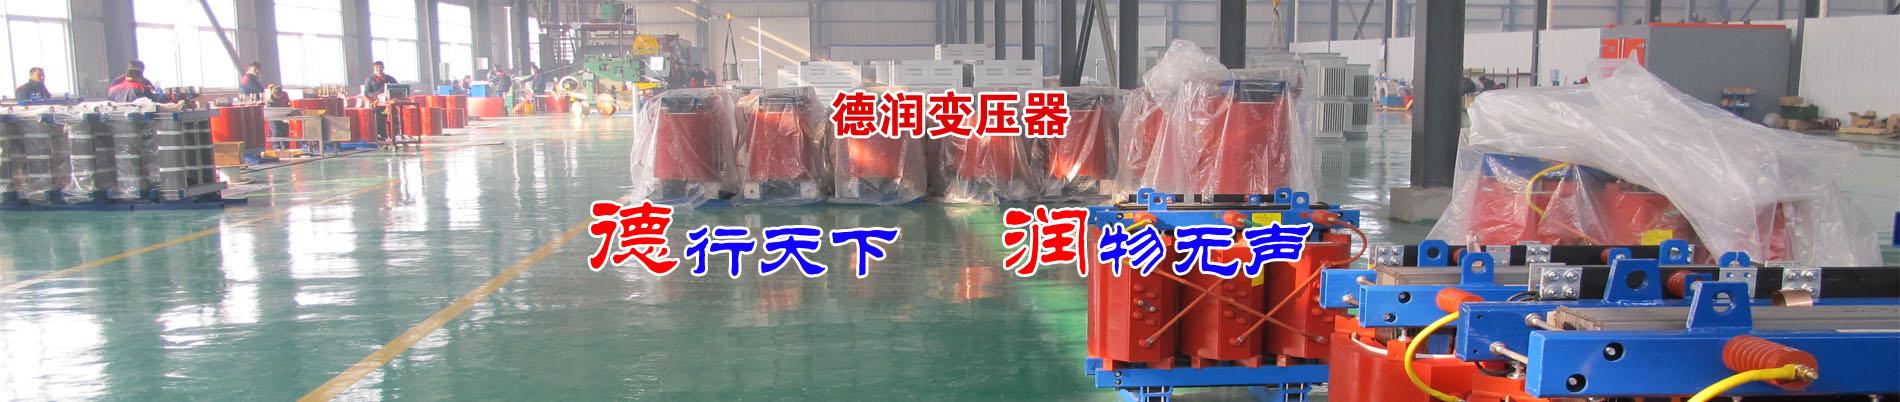 聊城干式变压器厂